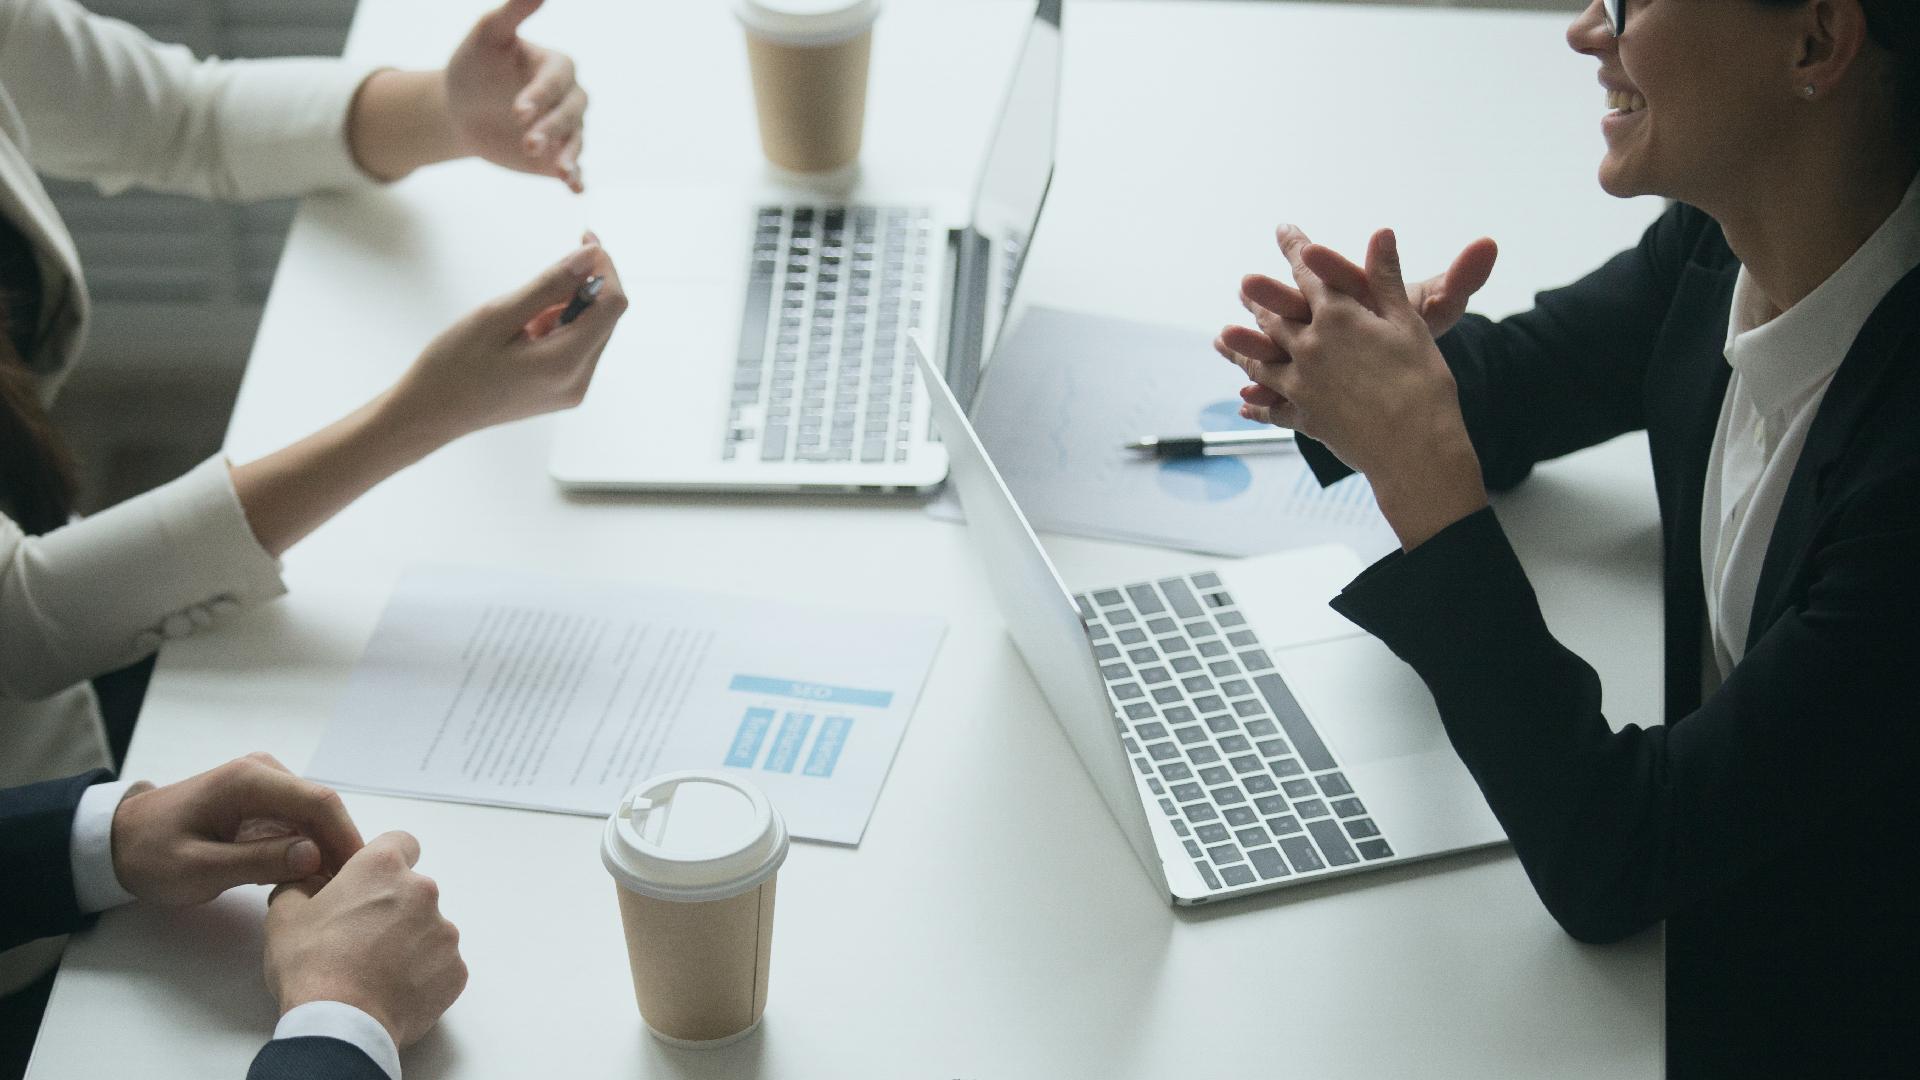 Cultura de alta confianza para mejorar la experiencia del cliente